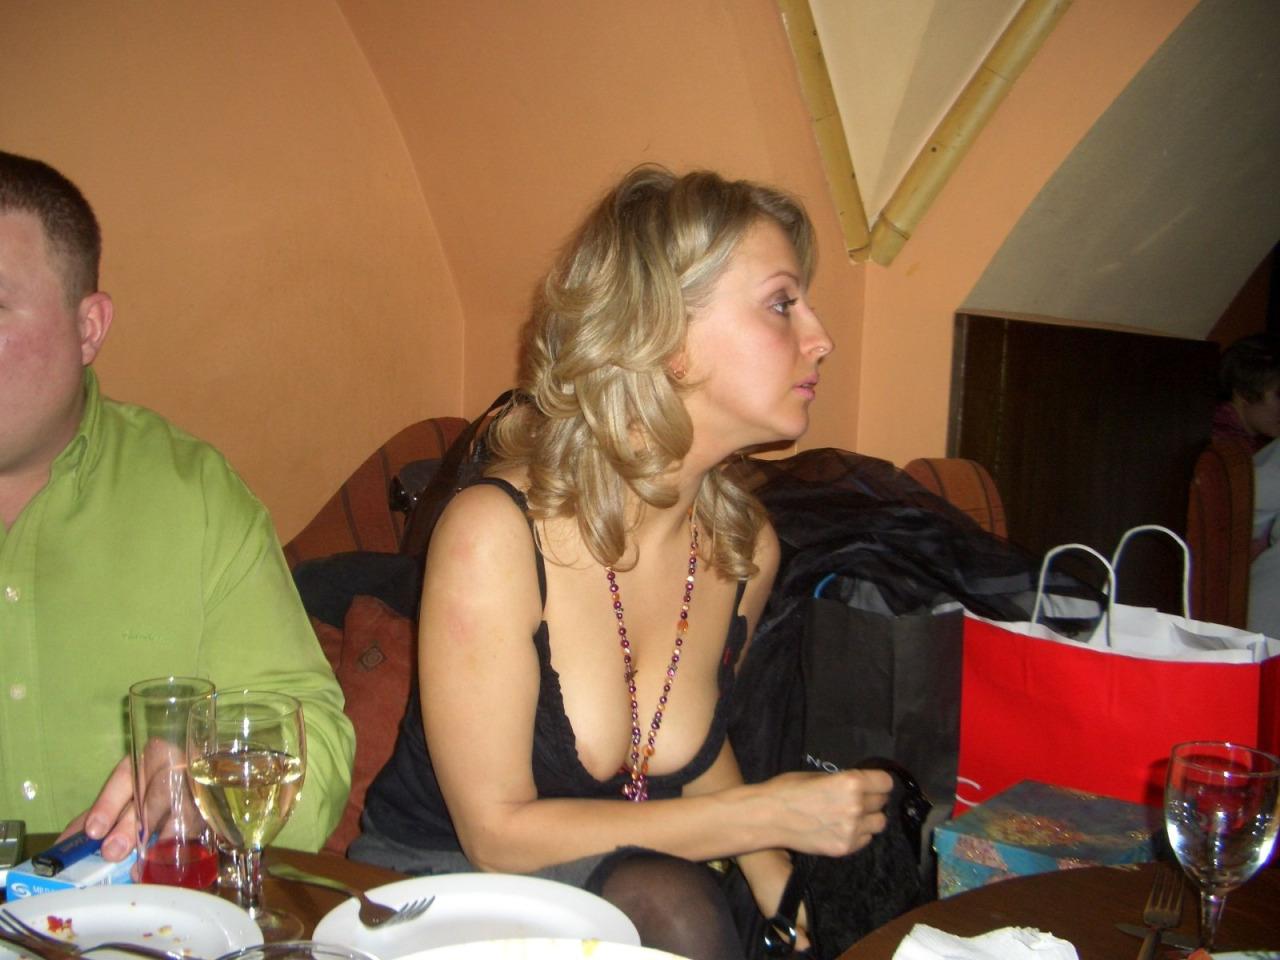 【胸チラエロ画像】本当に乳首まで見えた!?緩いってものじゃない海外乳チラwww 09